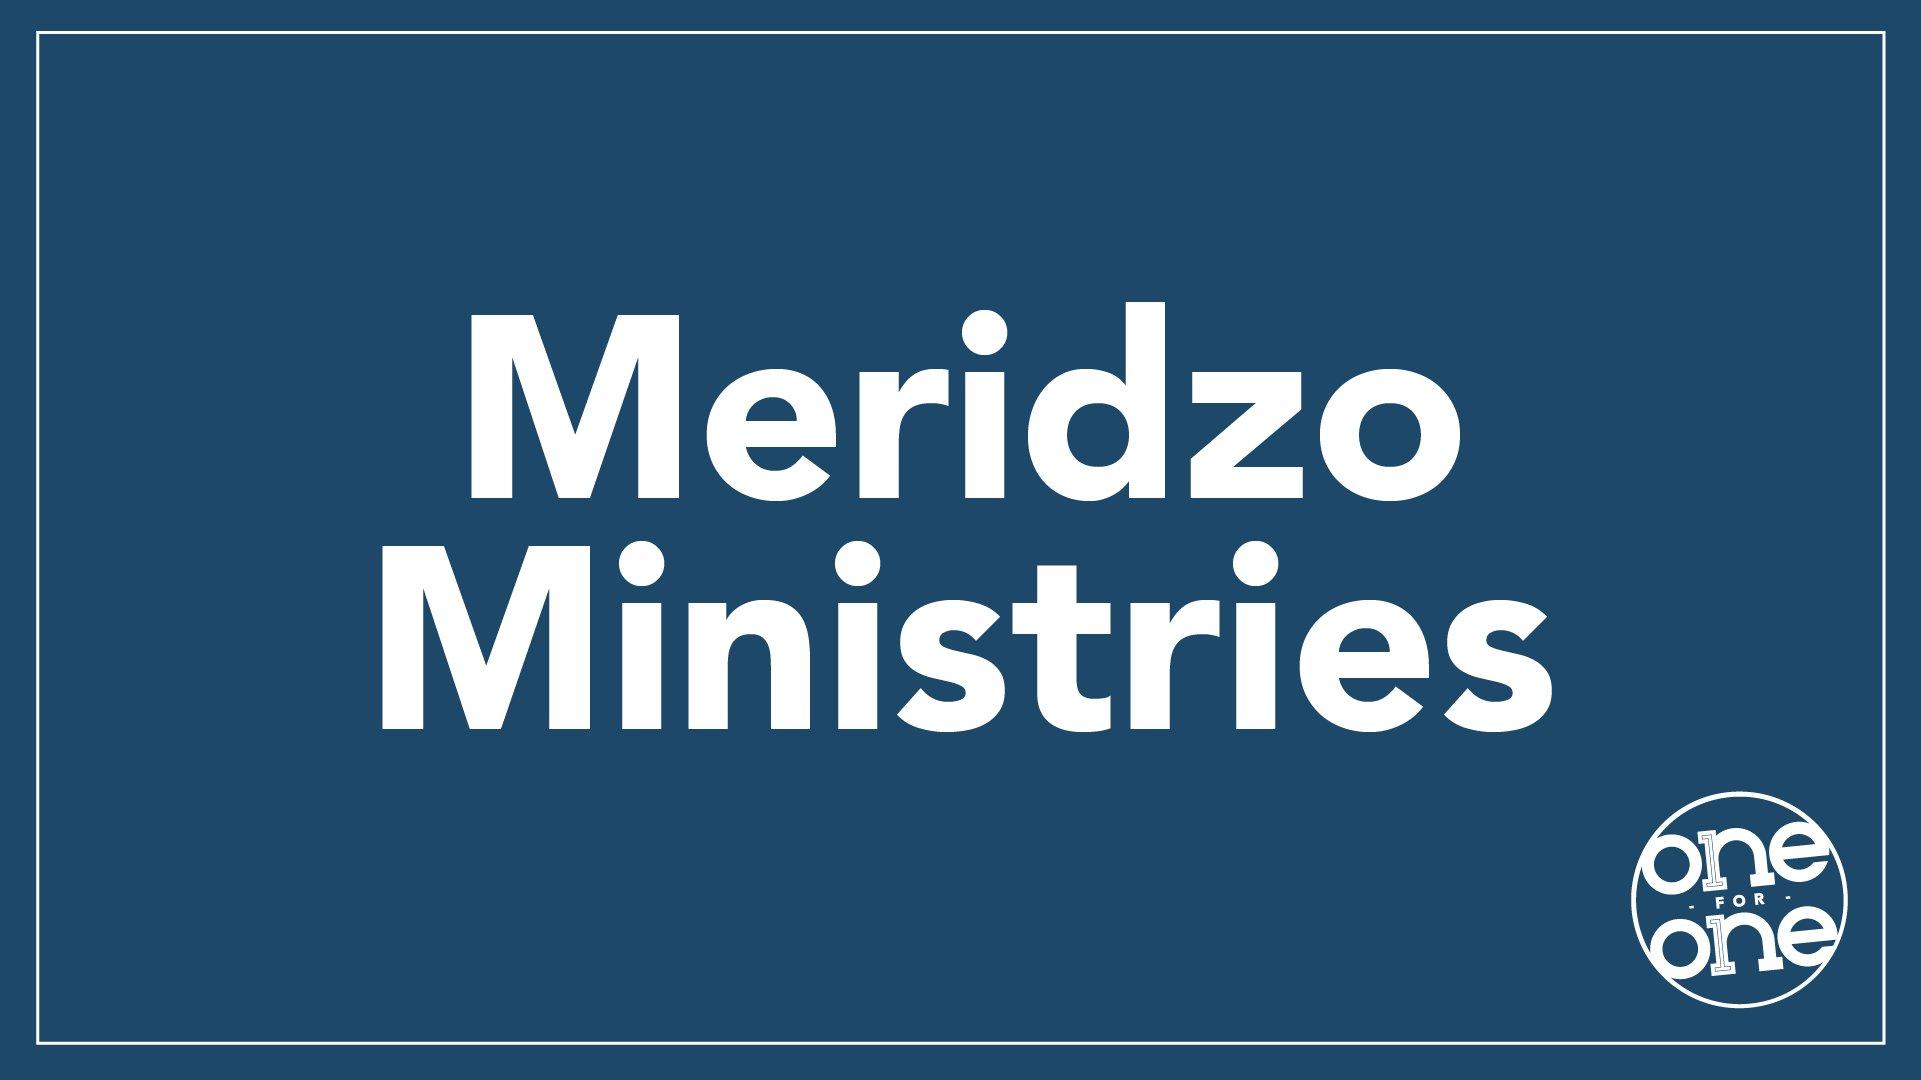 Meridzo Ministries